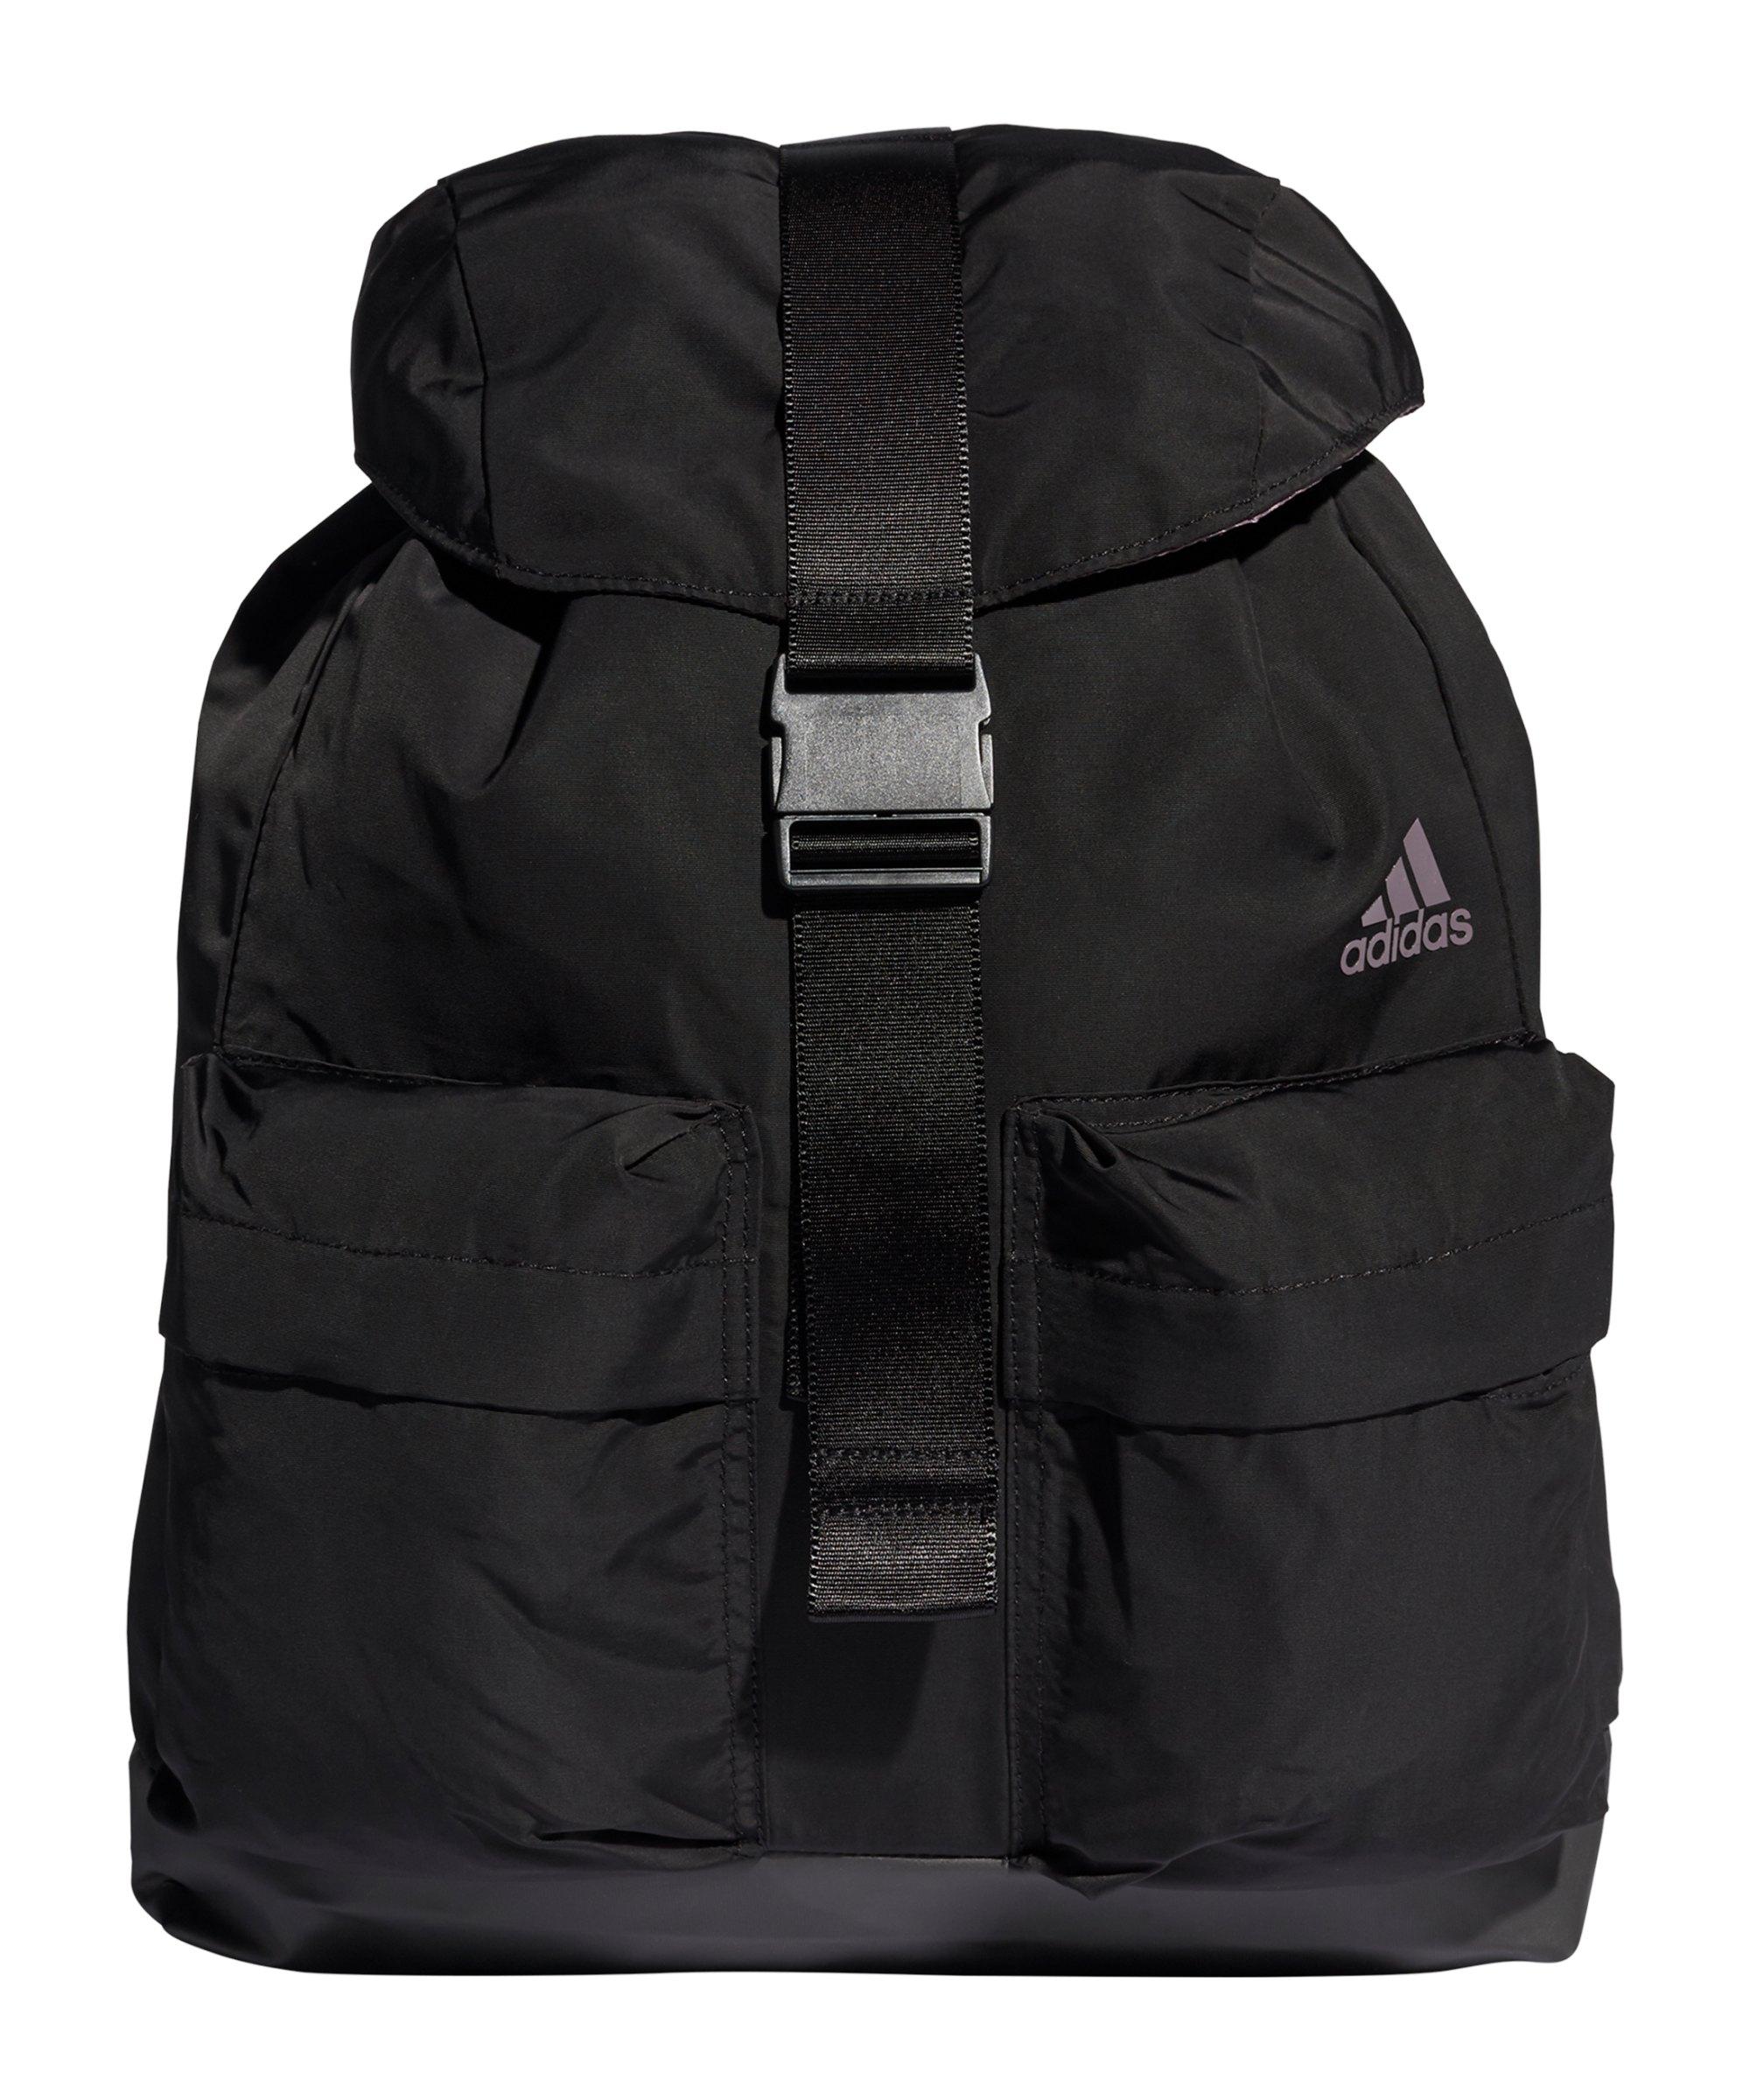 adidas ID Rucksack Damen Schwarz Grau - schwarz